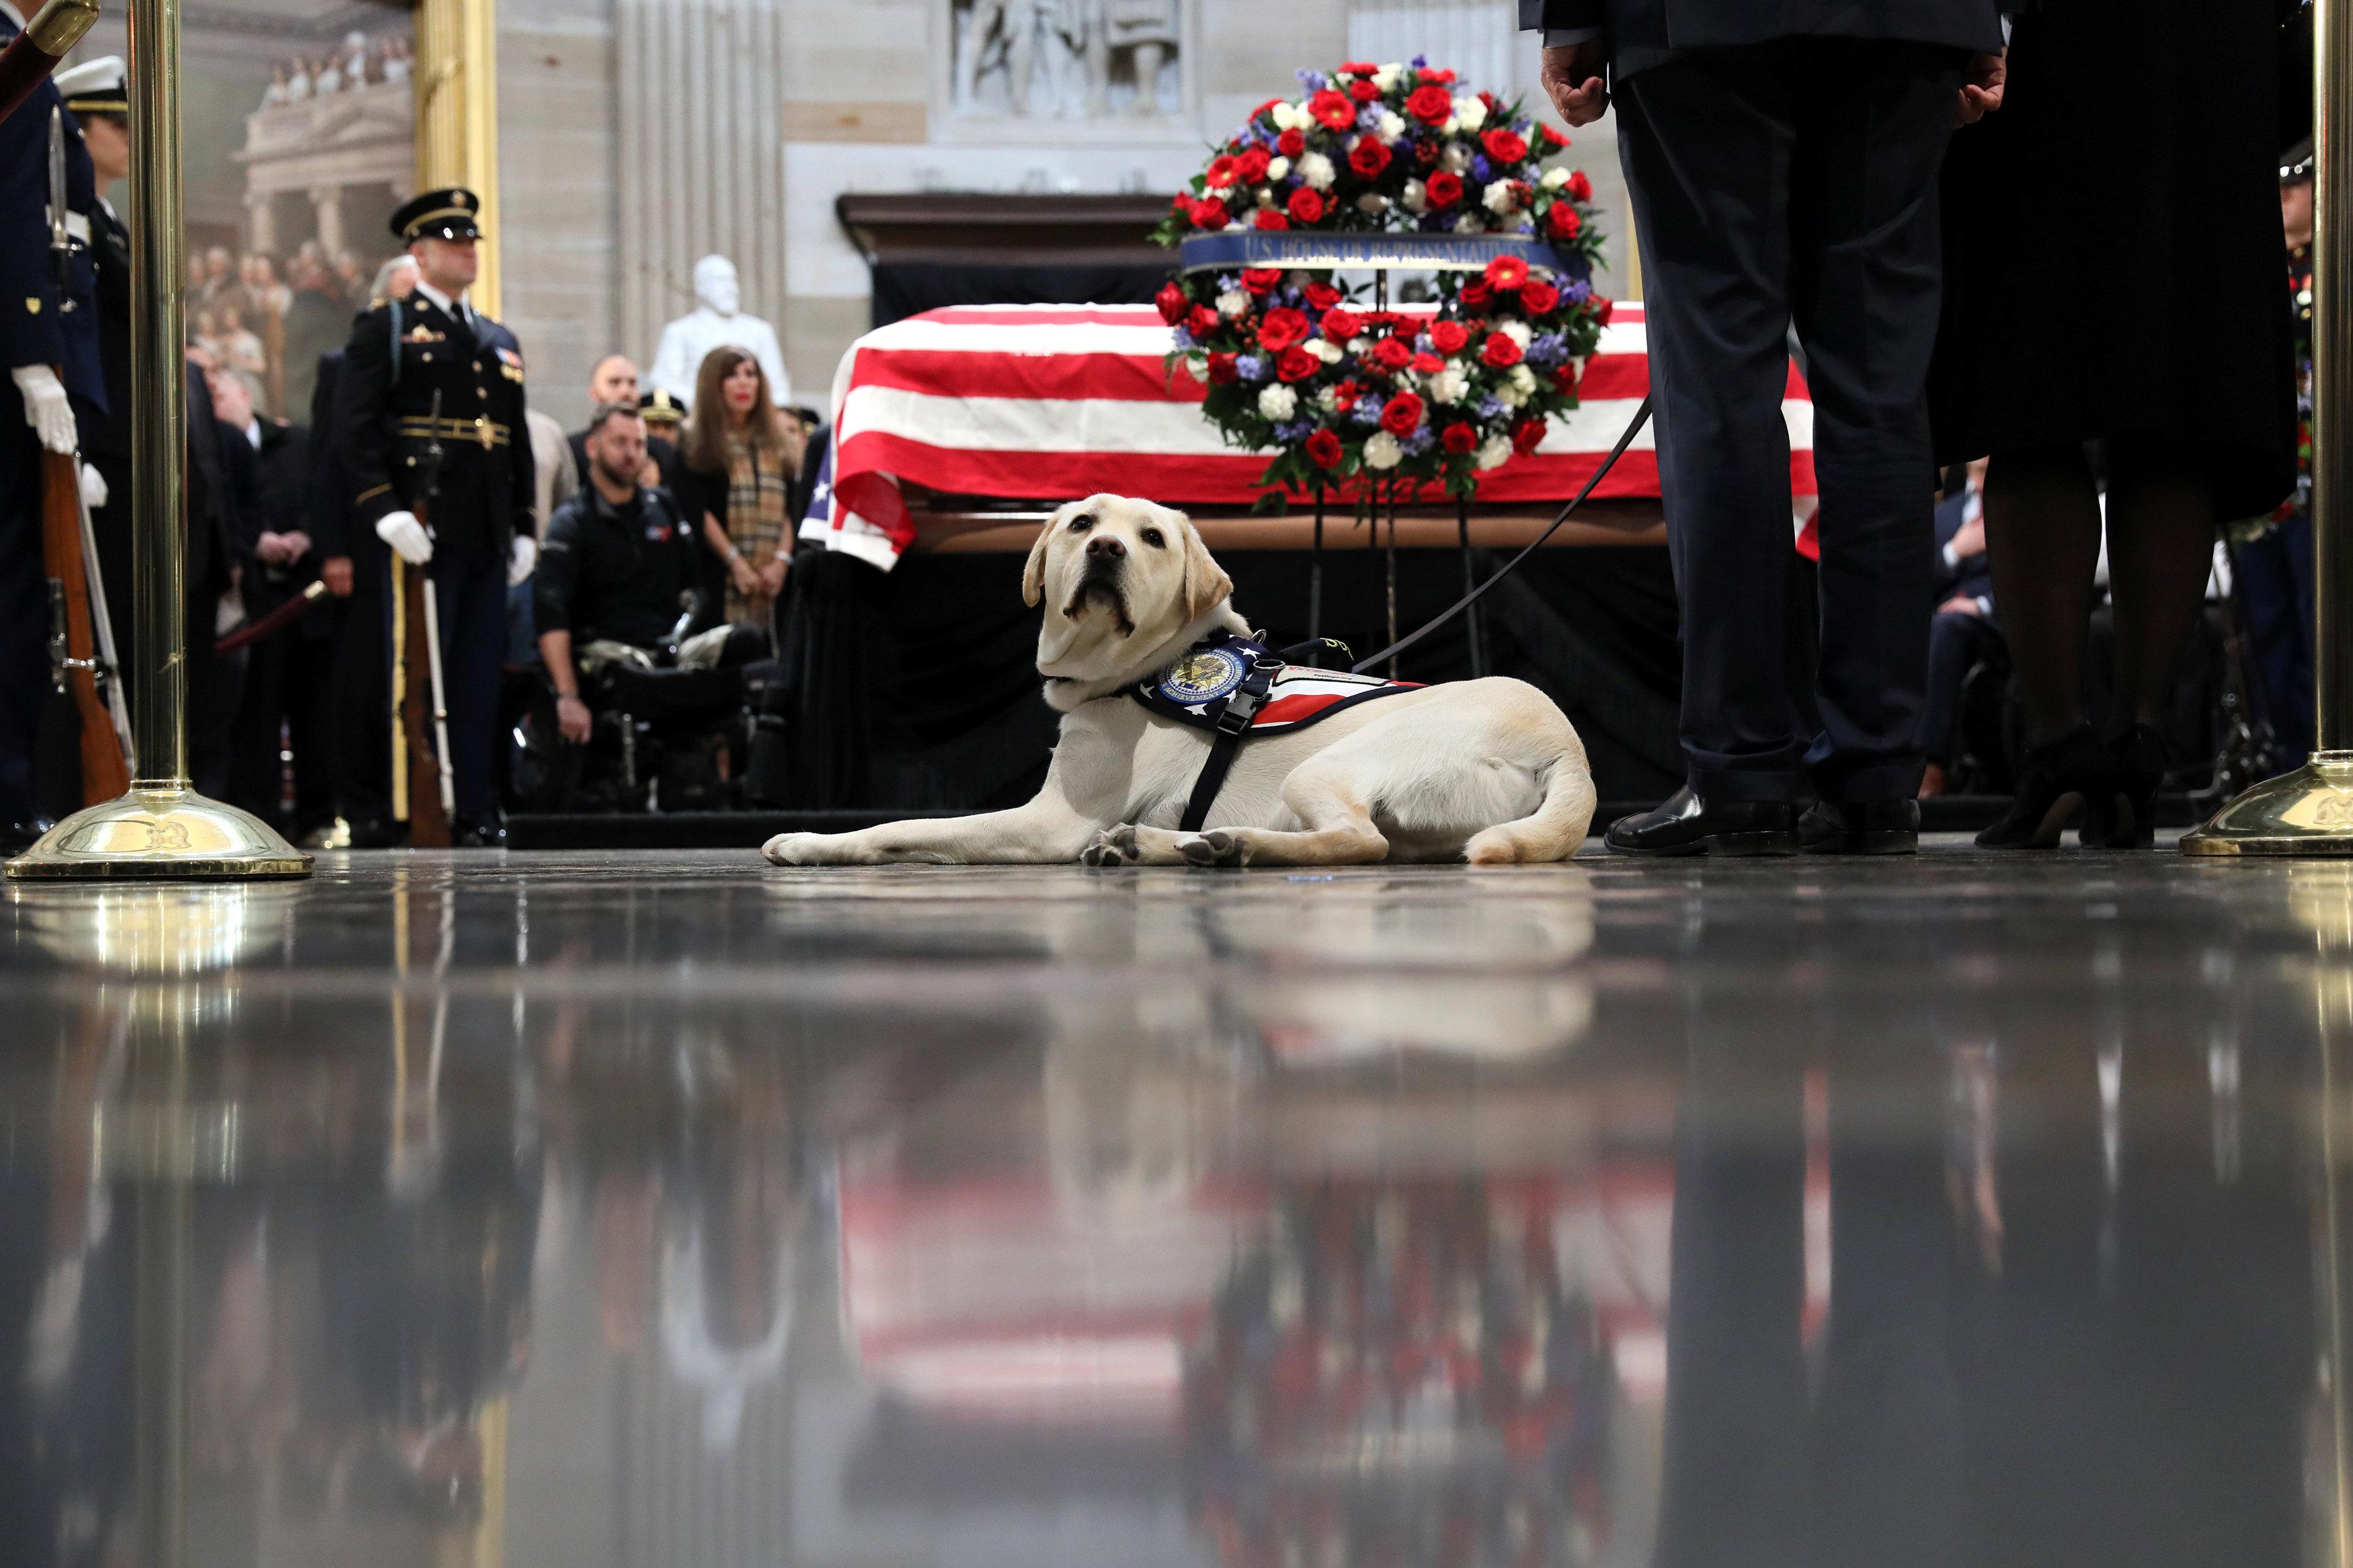 كلب جورج بوش الأب بجانب نعش صاحبه